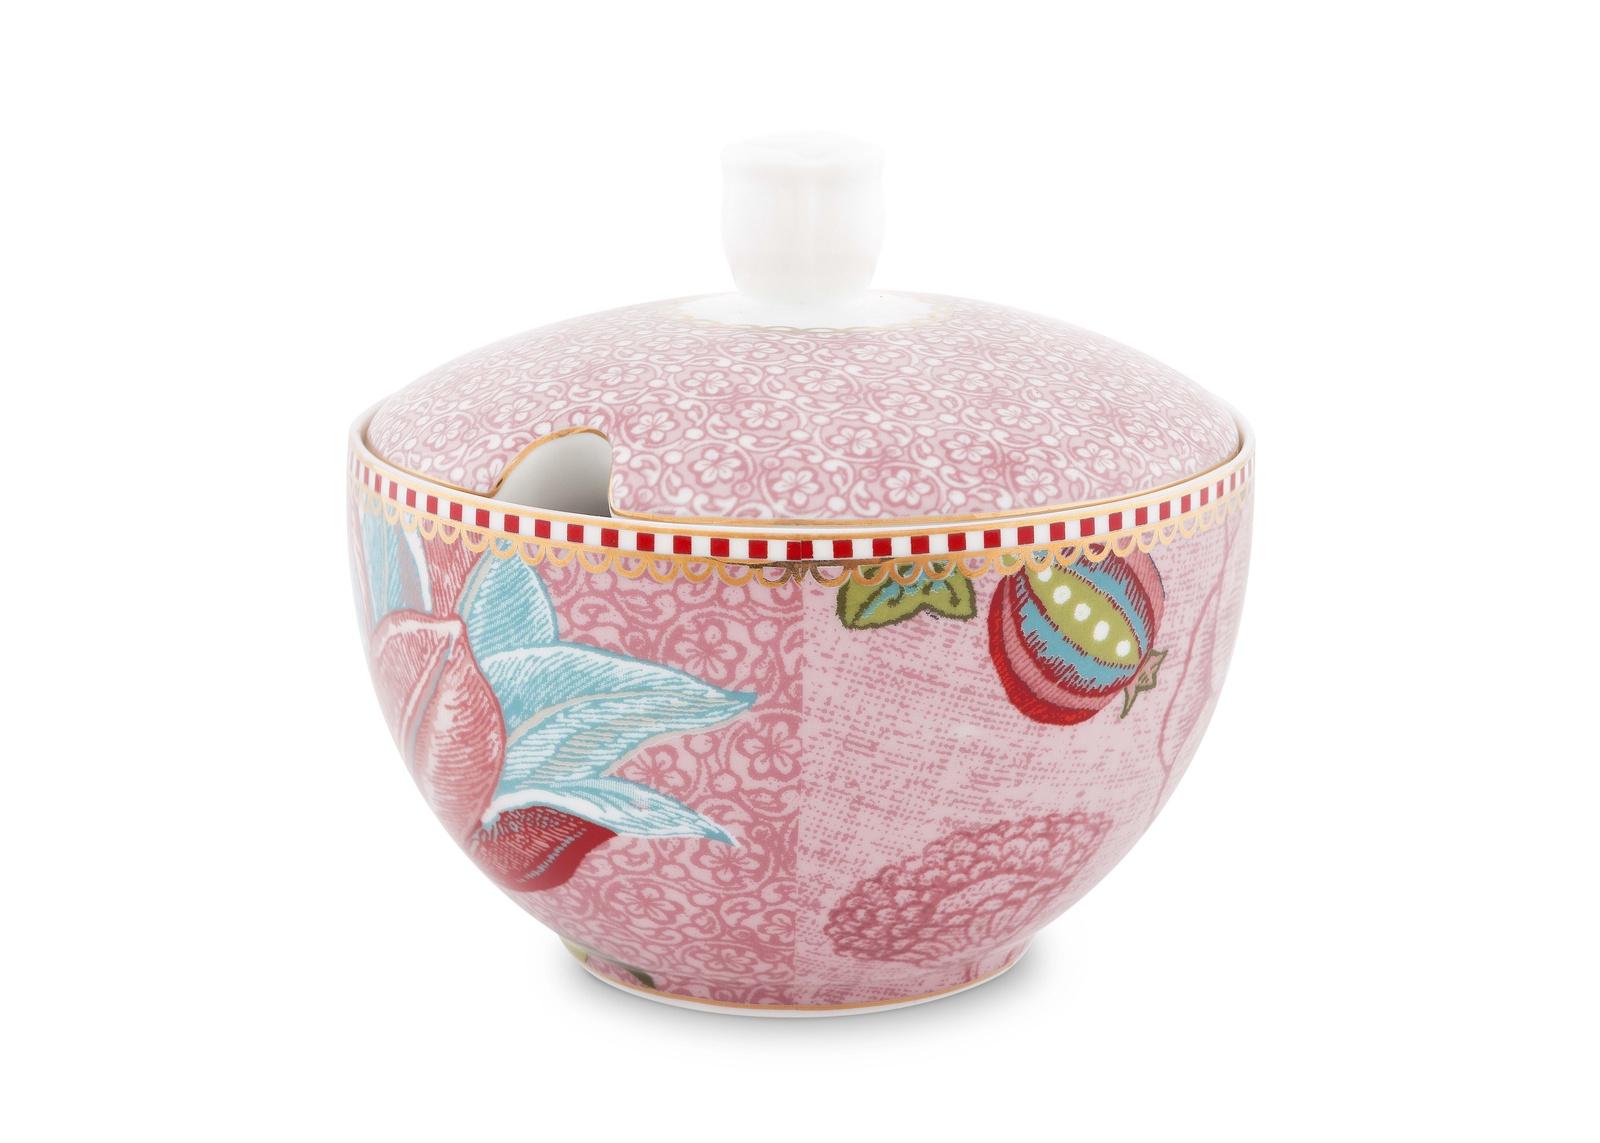 Сахарница PiP Studio Floral, цвет: розовый, разноцветный. 51.008.026